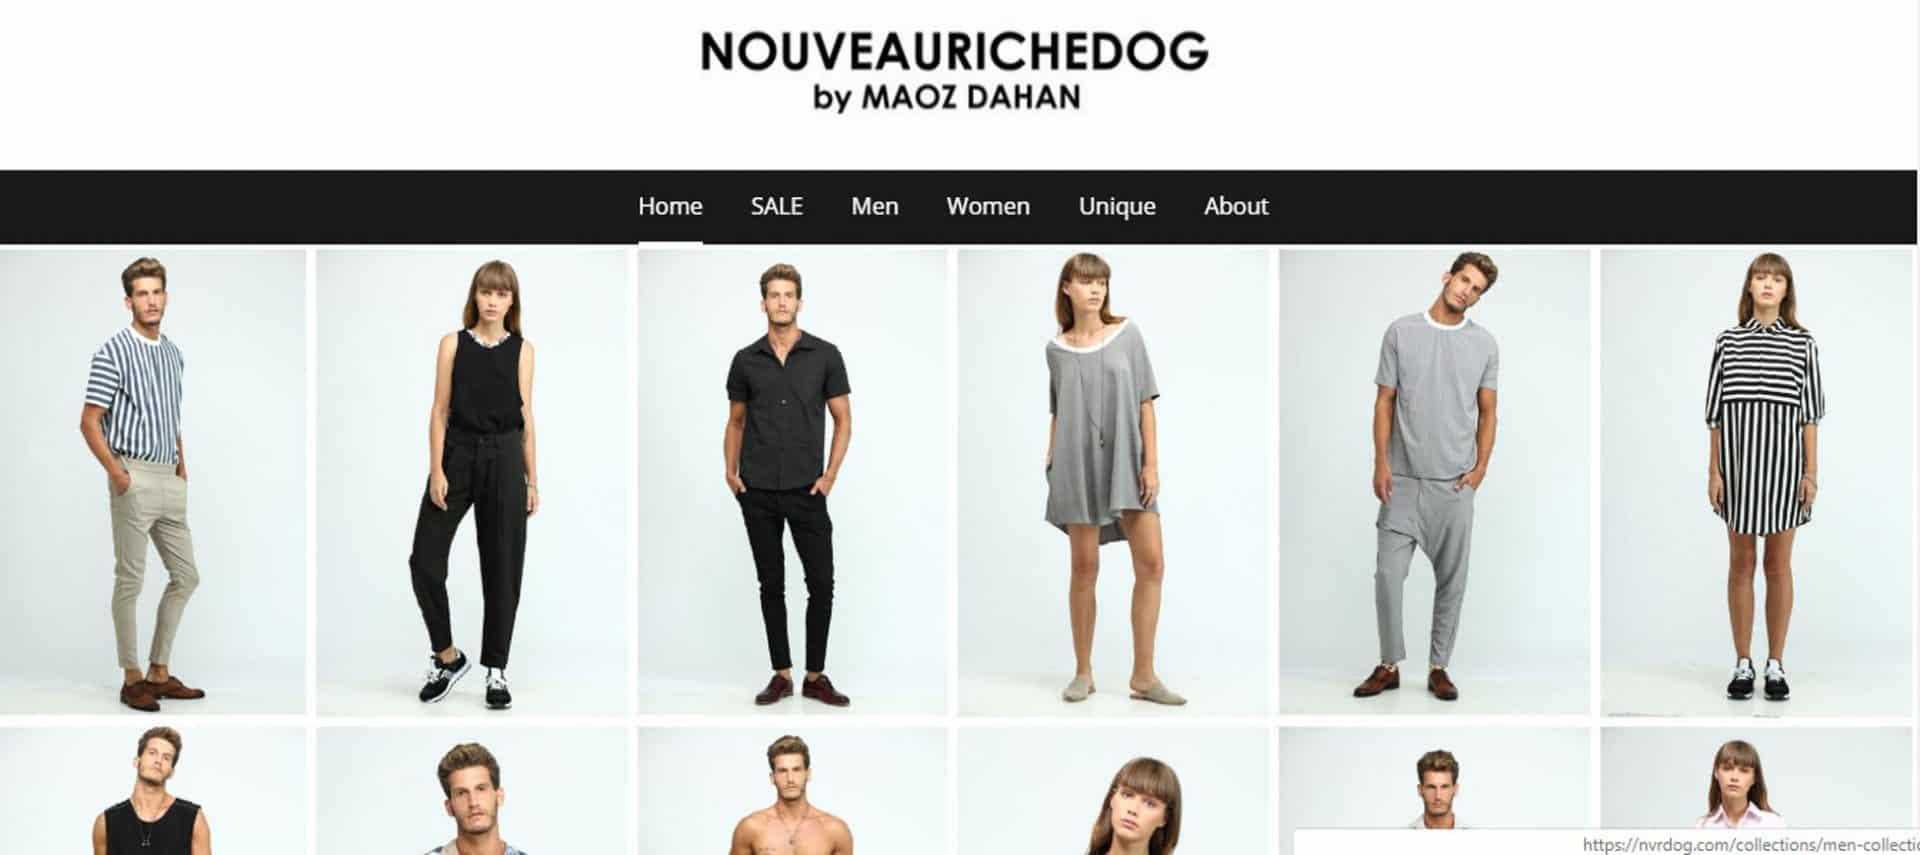 חדש. אתר מכירה של מעוז דהאן למותג Nouveariche dog